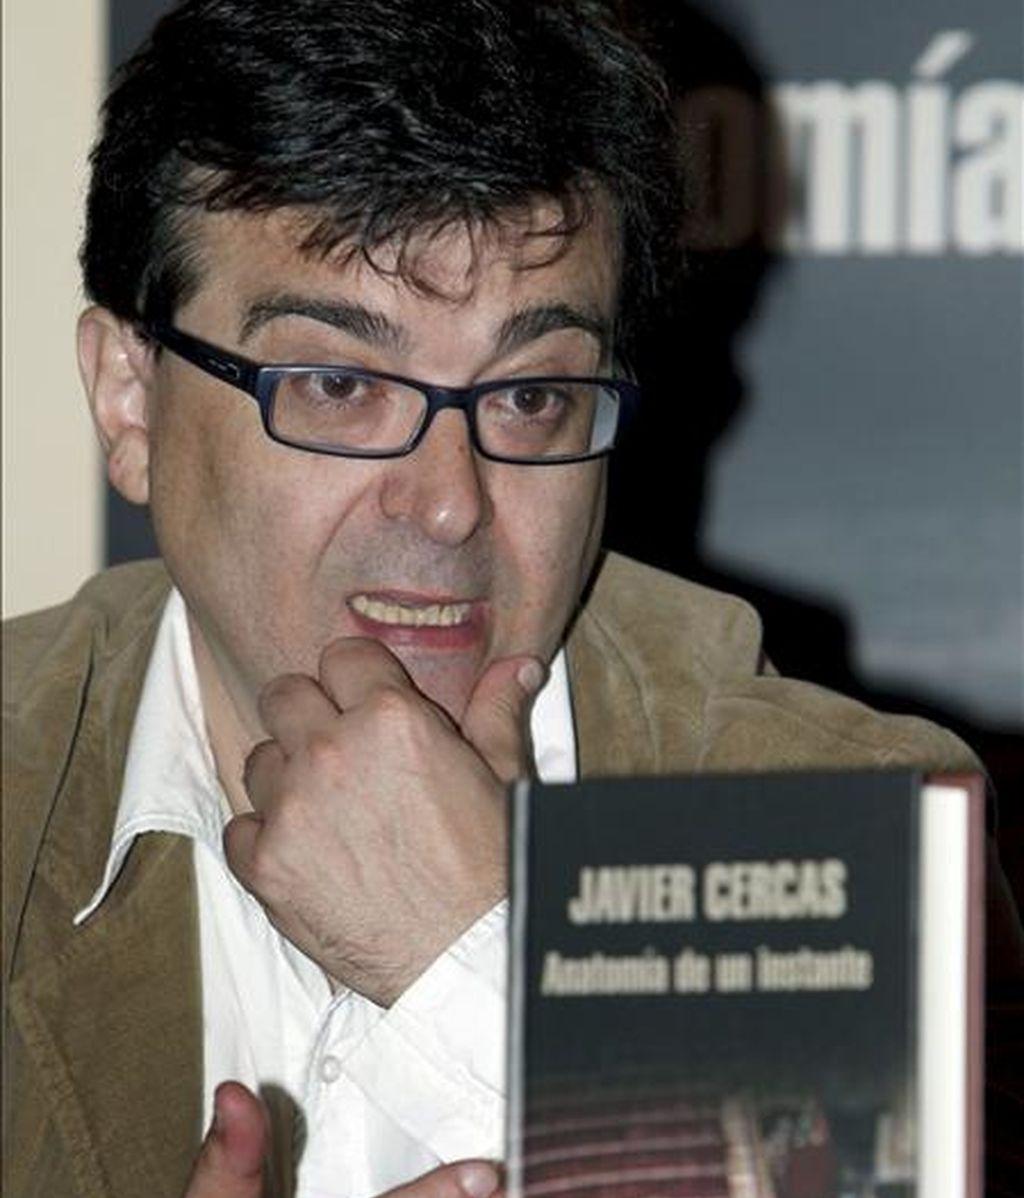 El escritor ha visto más de 100 veces el video con las imágenes del intento de estado. Video: Informativos Telecinco.